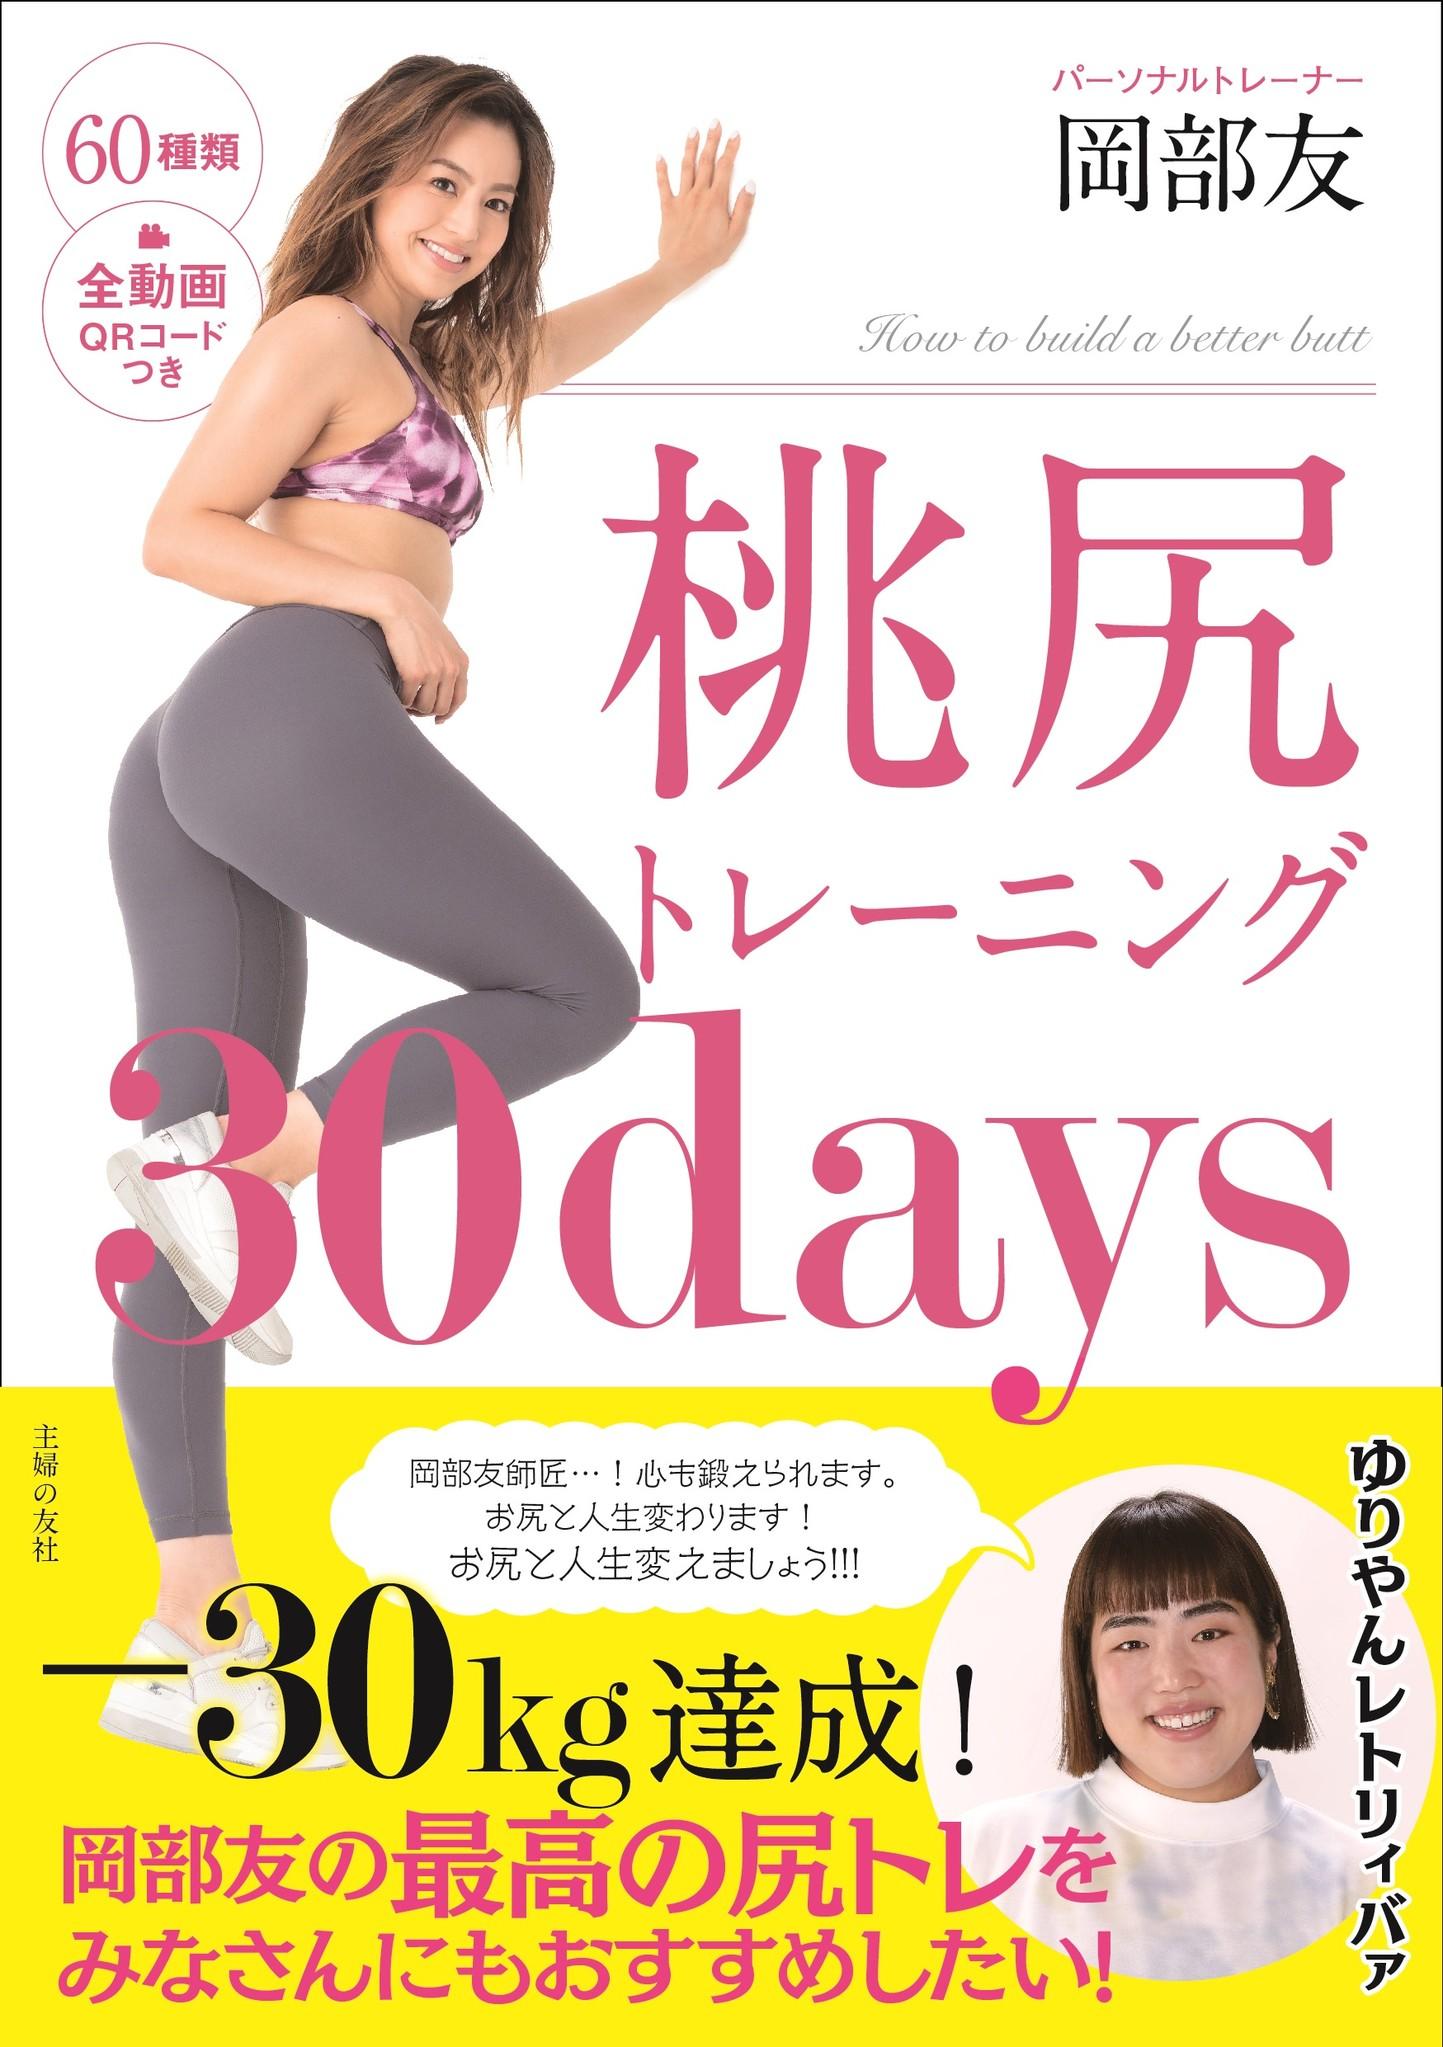 た 痩せ やん ゆり レトリィバァ ゆりやんレトリィバァ大変身!35kg痩せて別人?ダイエット方法が知りたい!